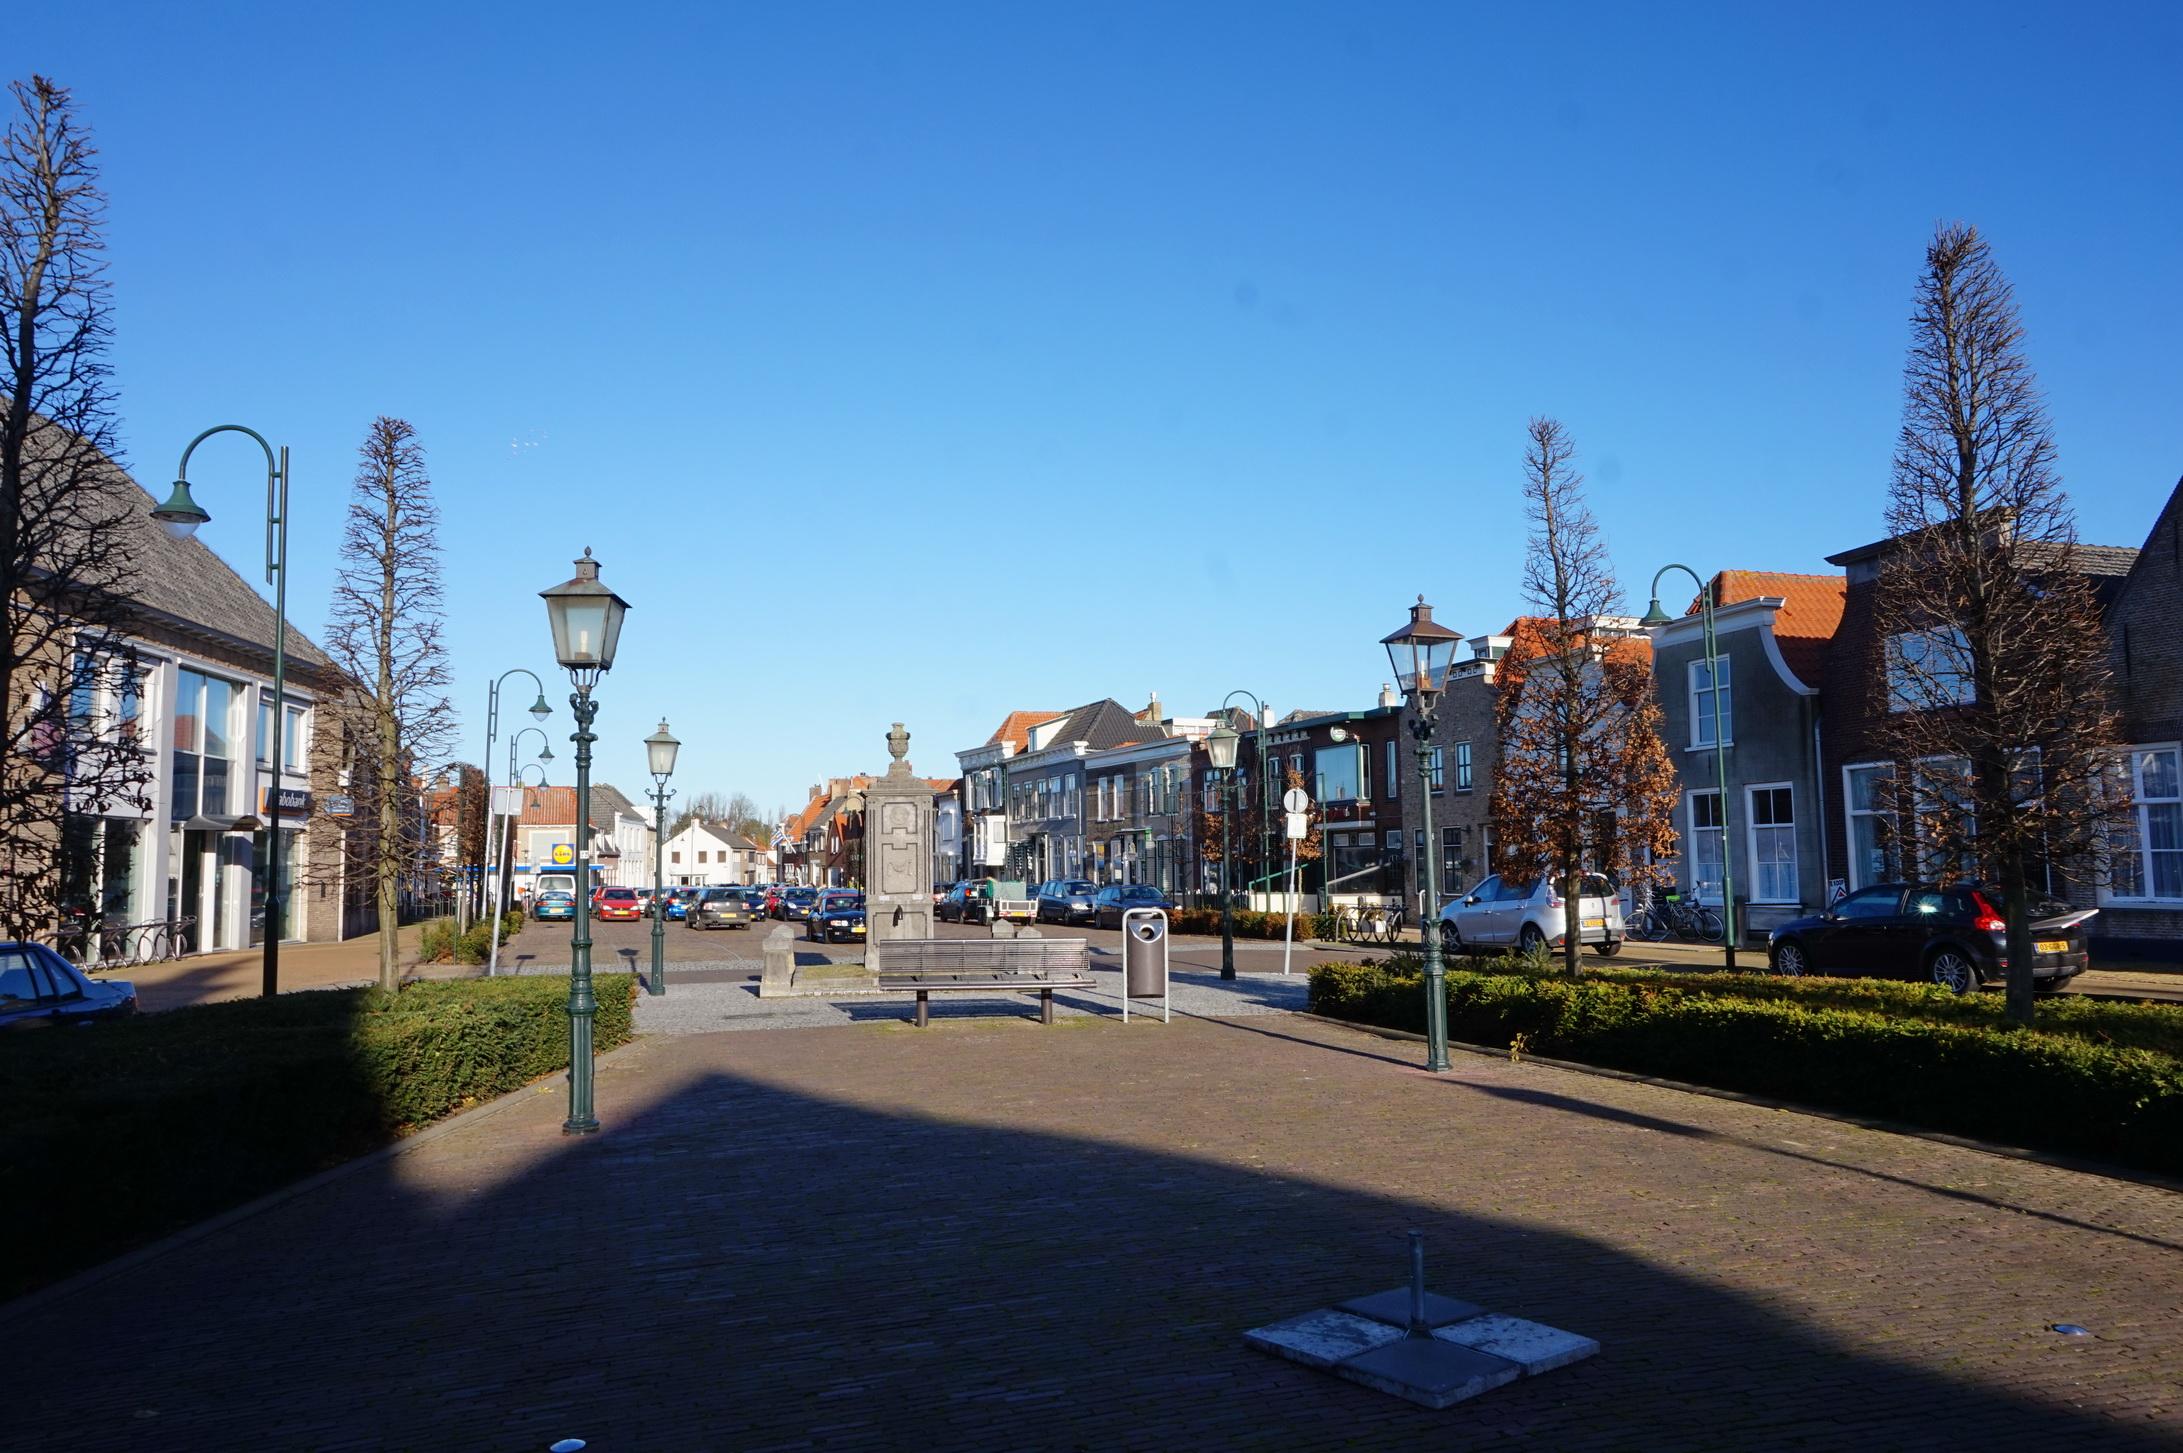 Sint-Maartensdijk war früher einmal ein Hafenstädtchen